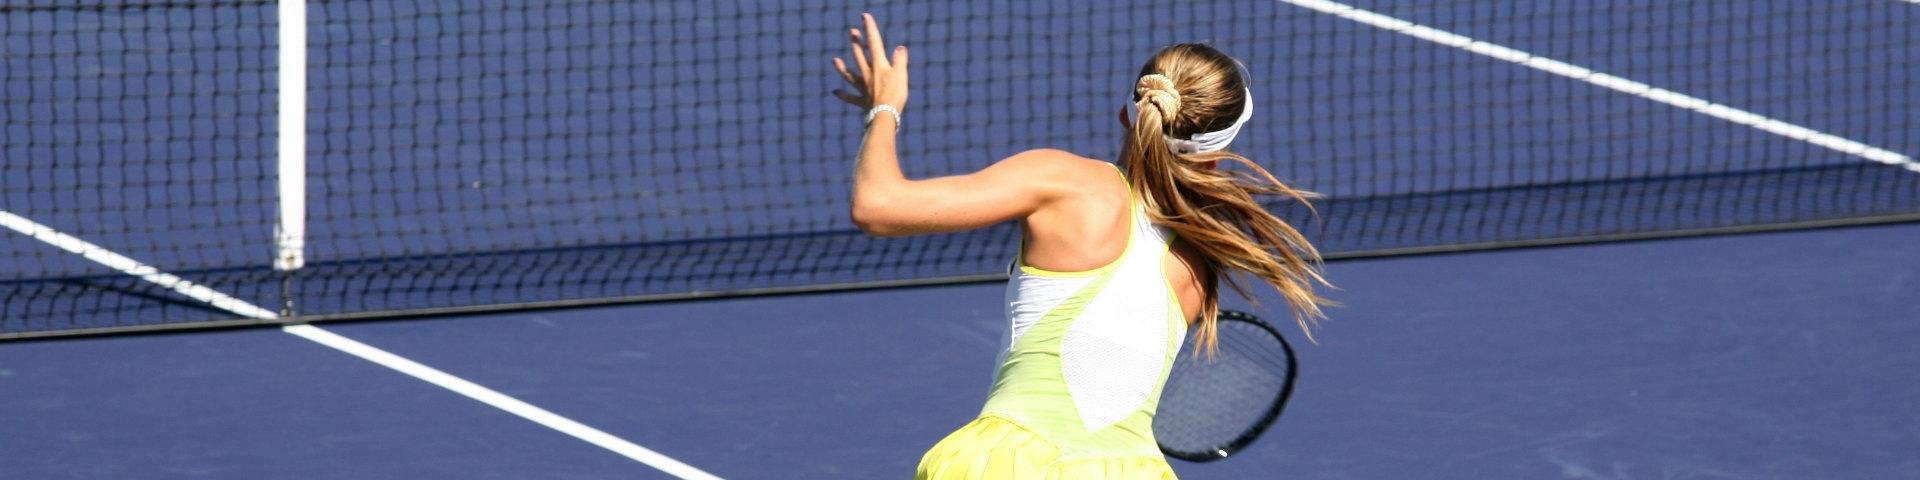 TennisWomen